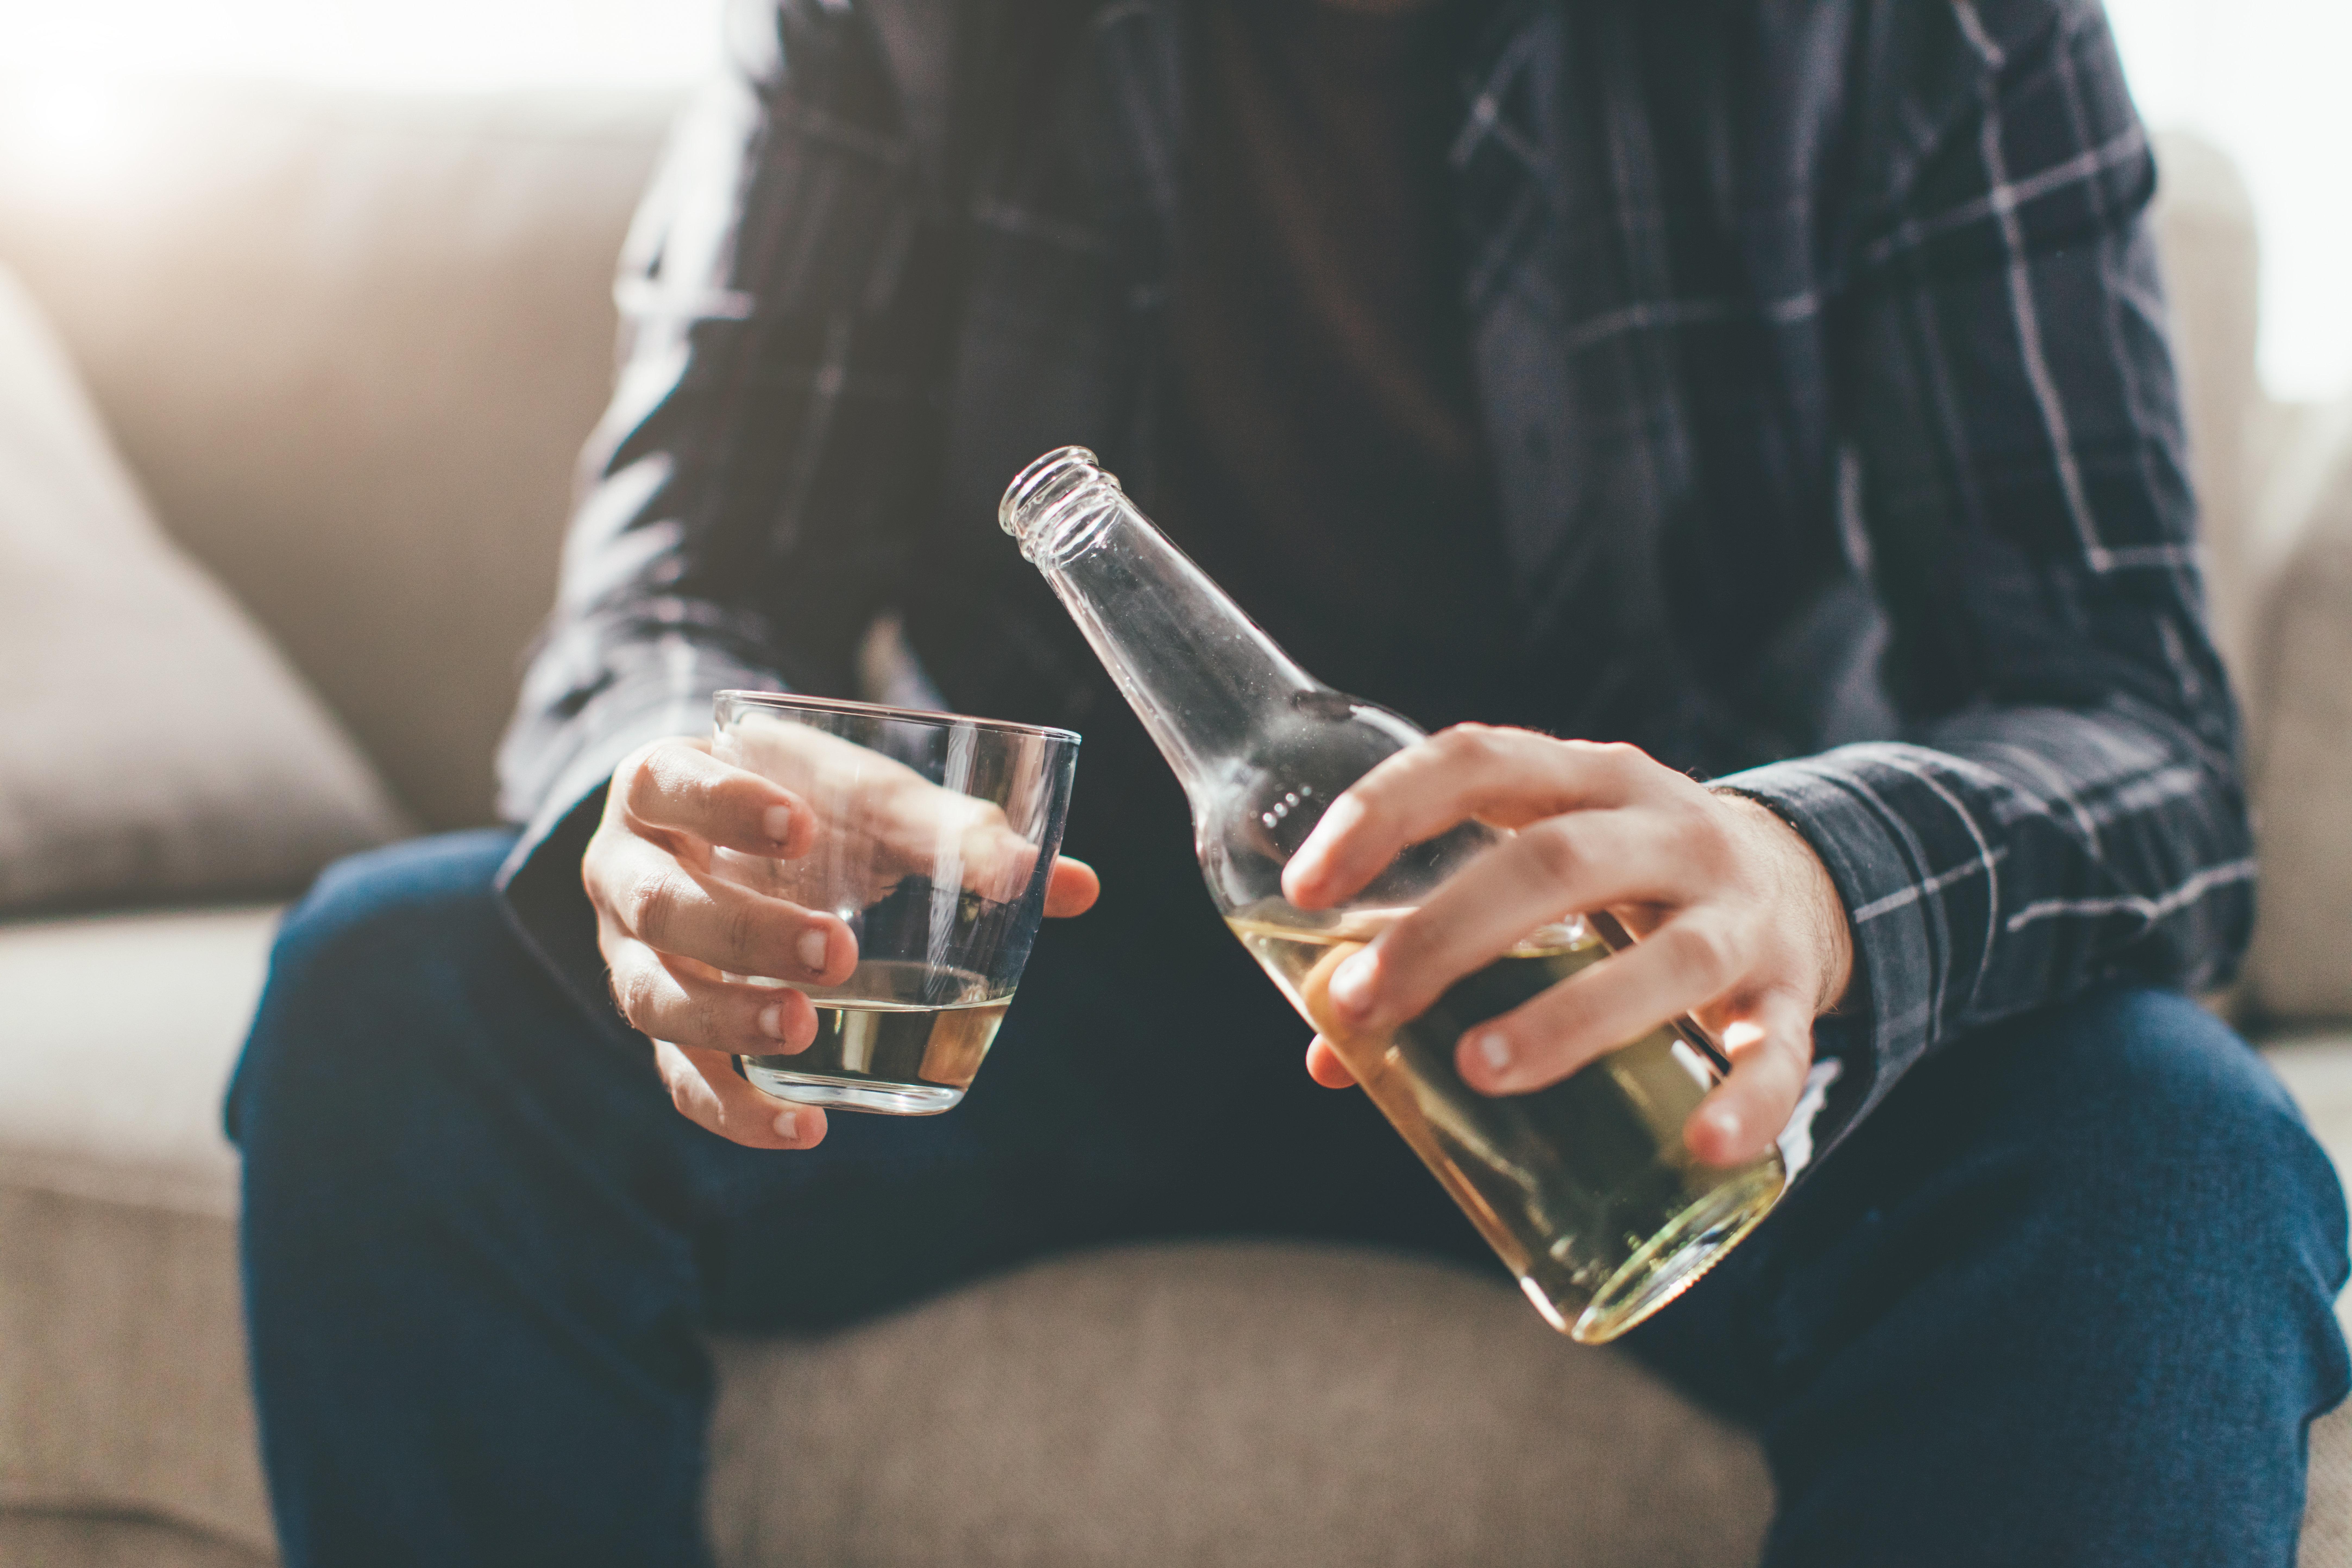 Θέμα αλκοολισμού αντιμετωπίζει το 10% των